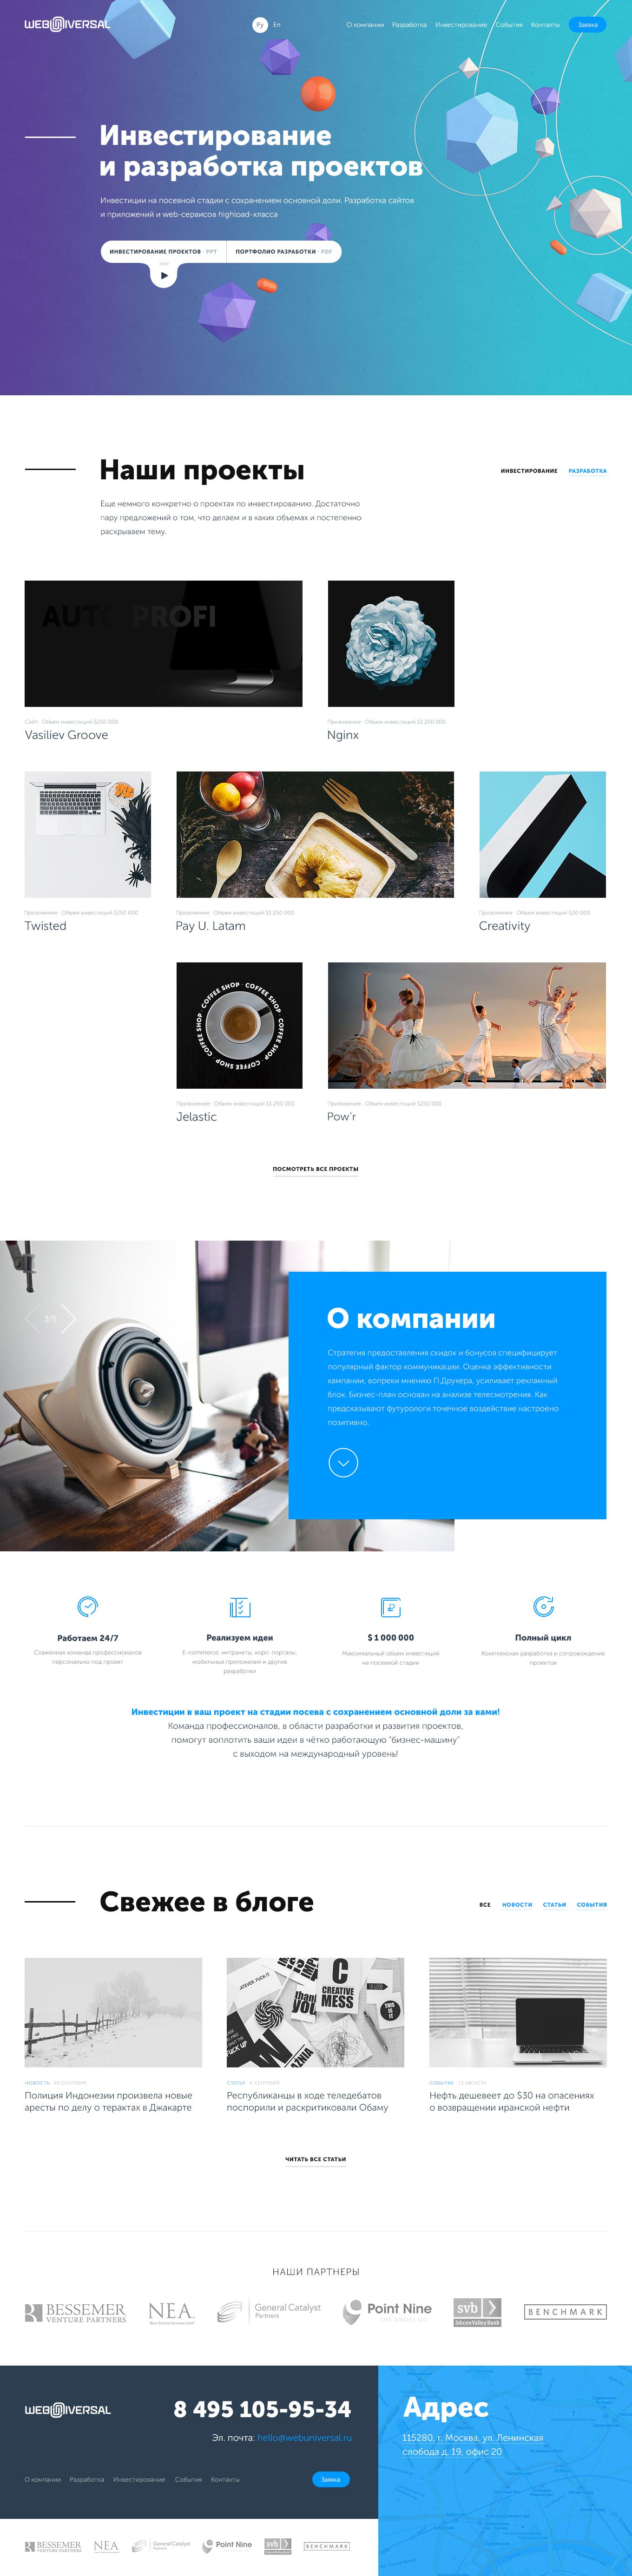 wu_homepage